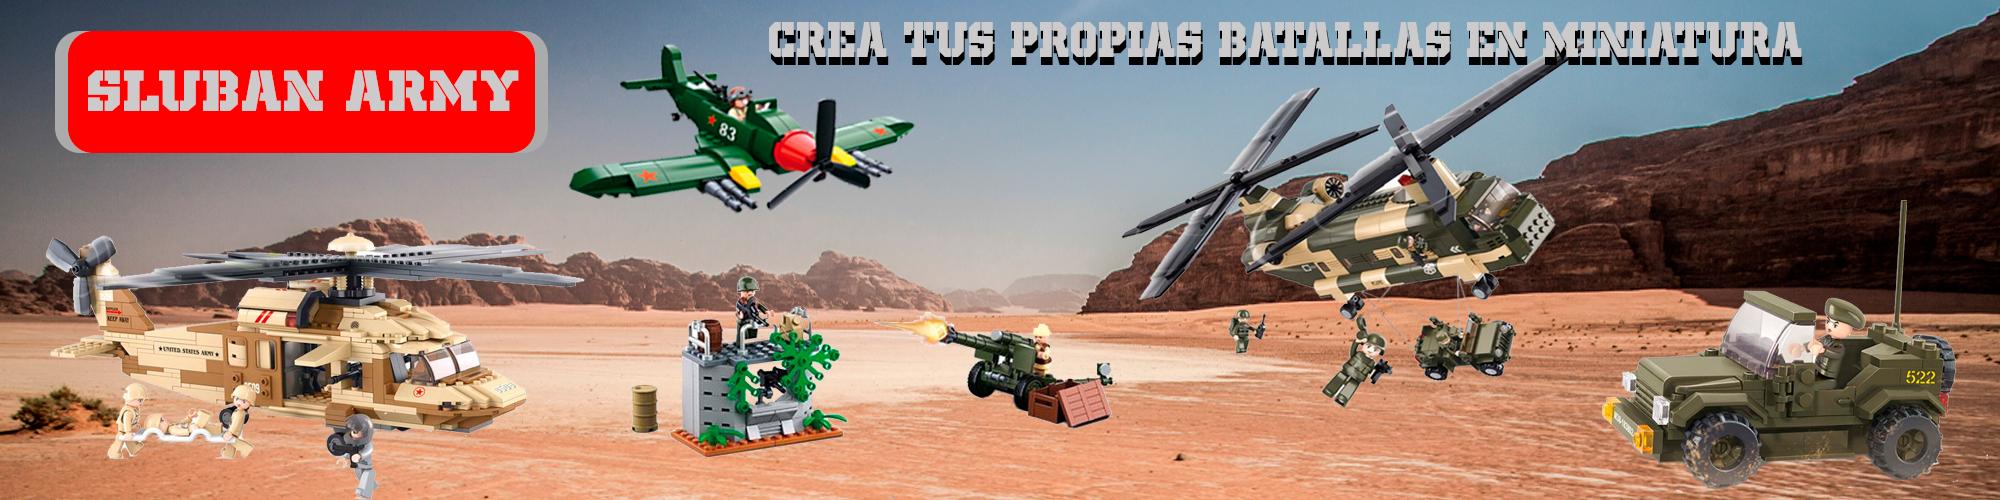 Imagen de juguetes sluban army - crea tus propias batallas en miniatura por Estrella militar